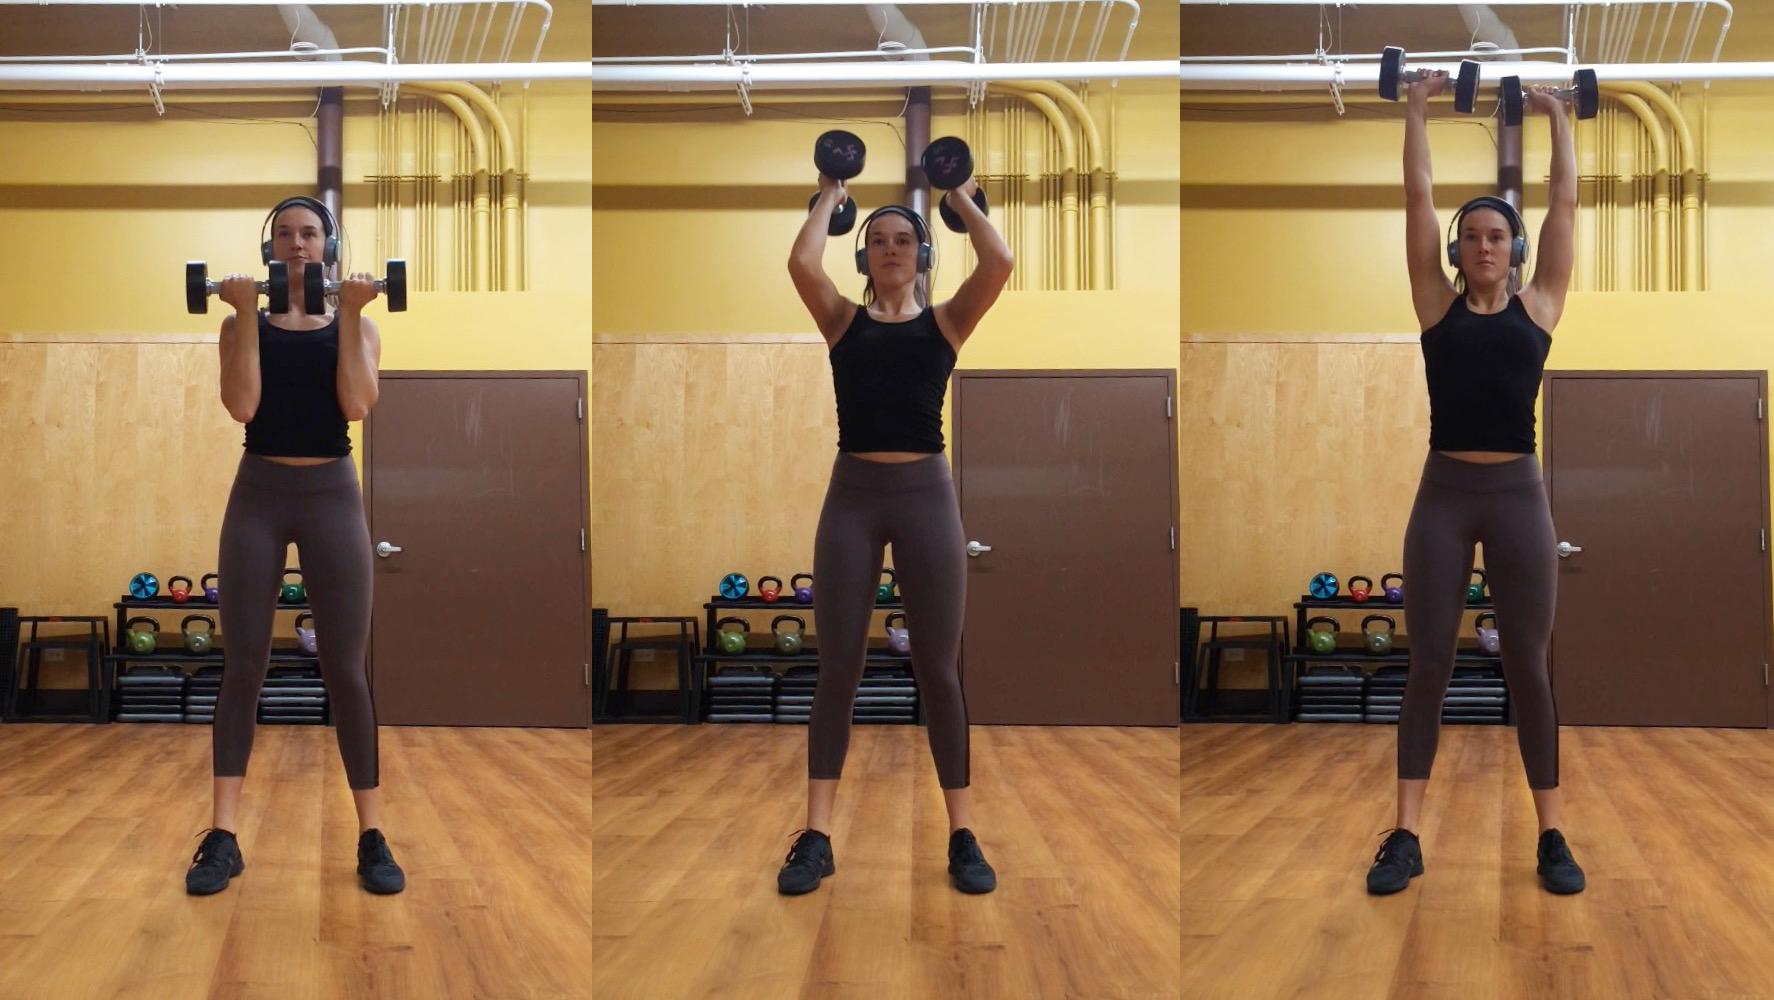 Side deltoid exercises